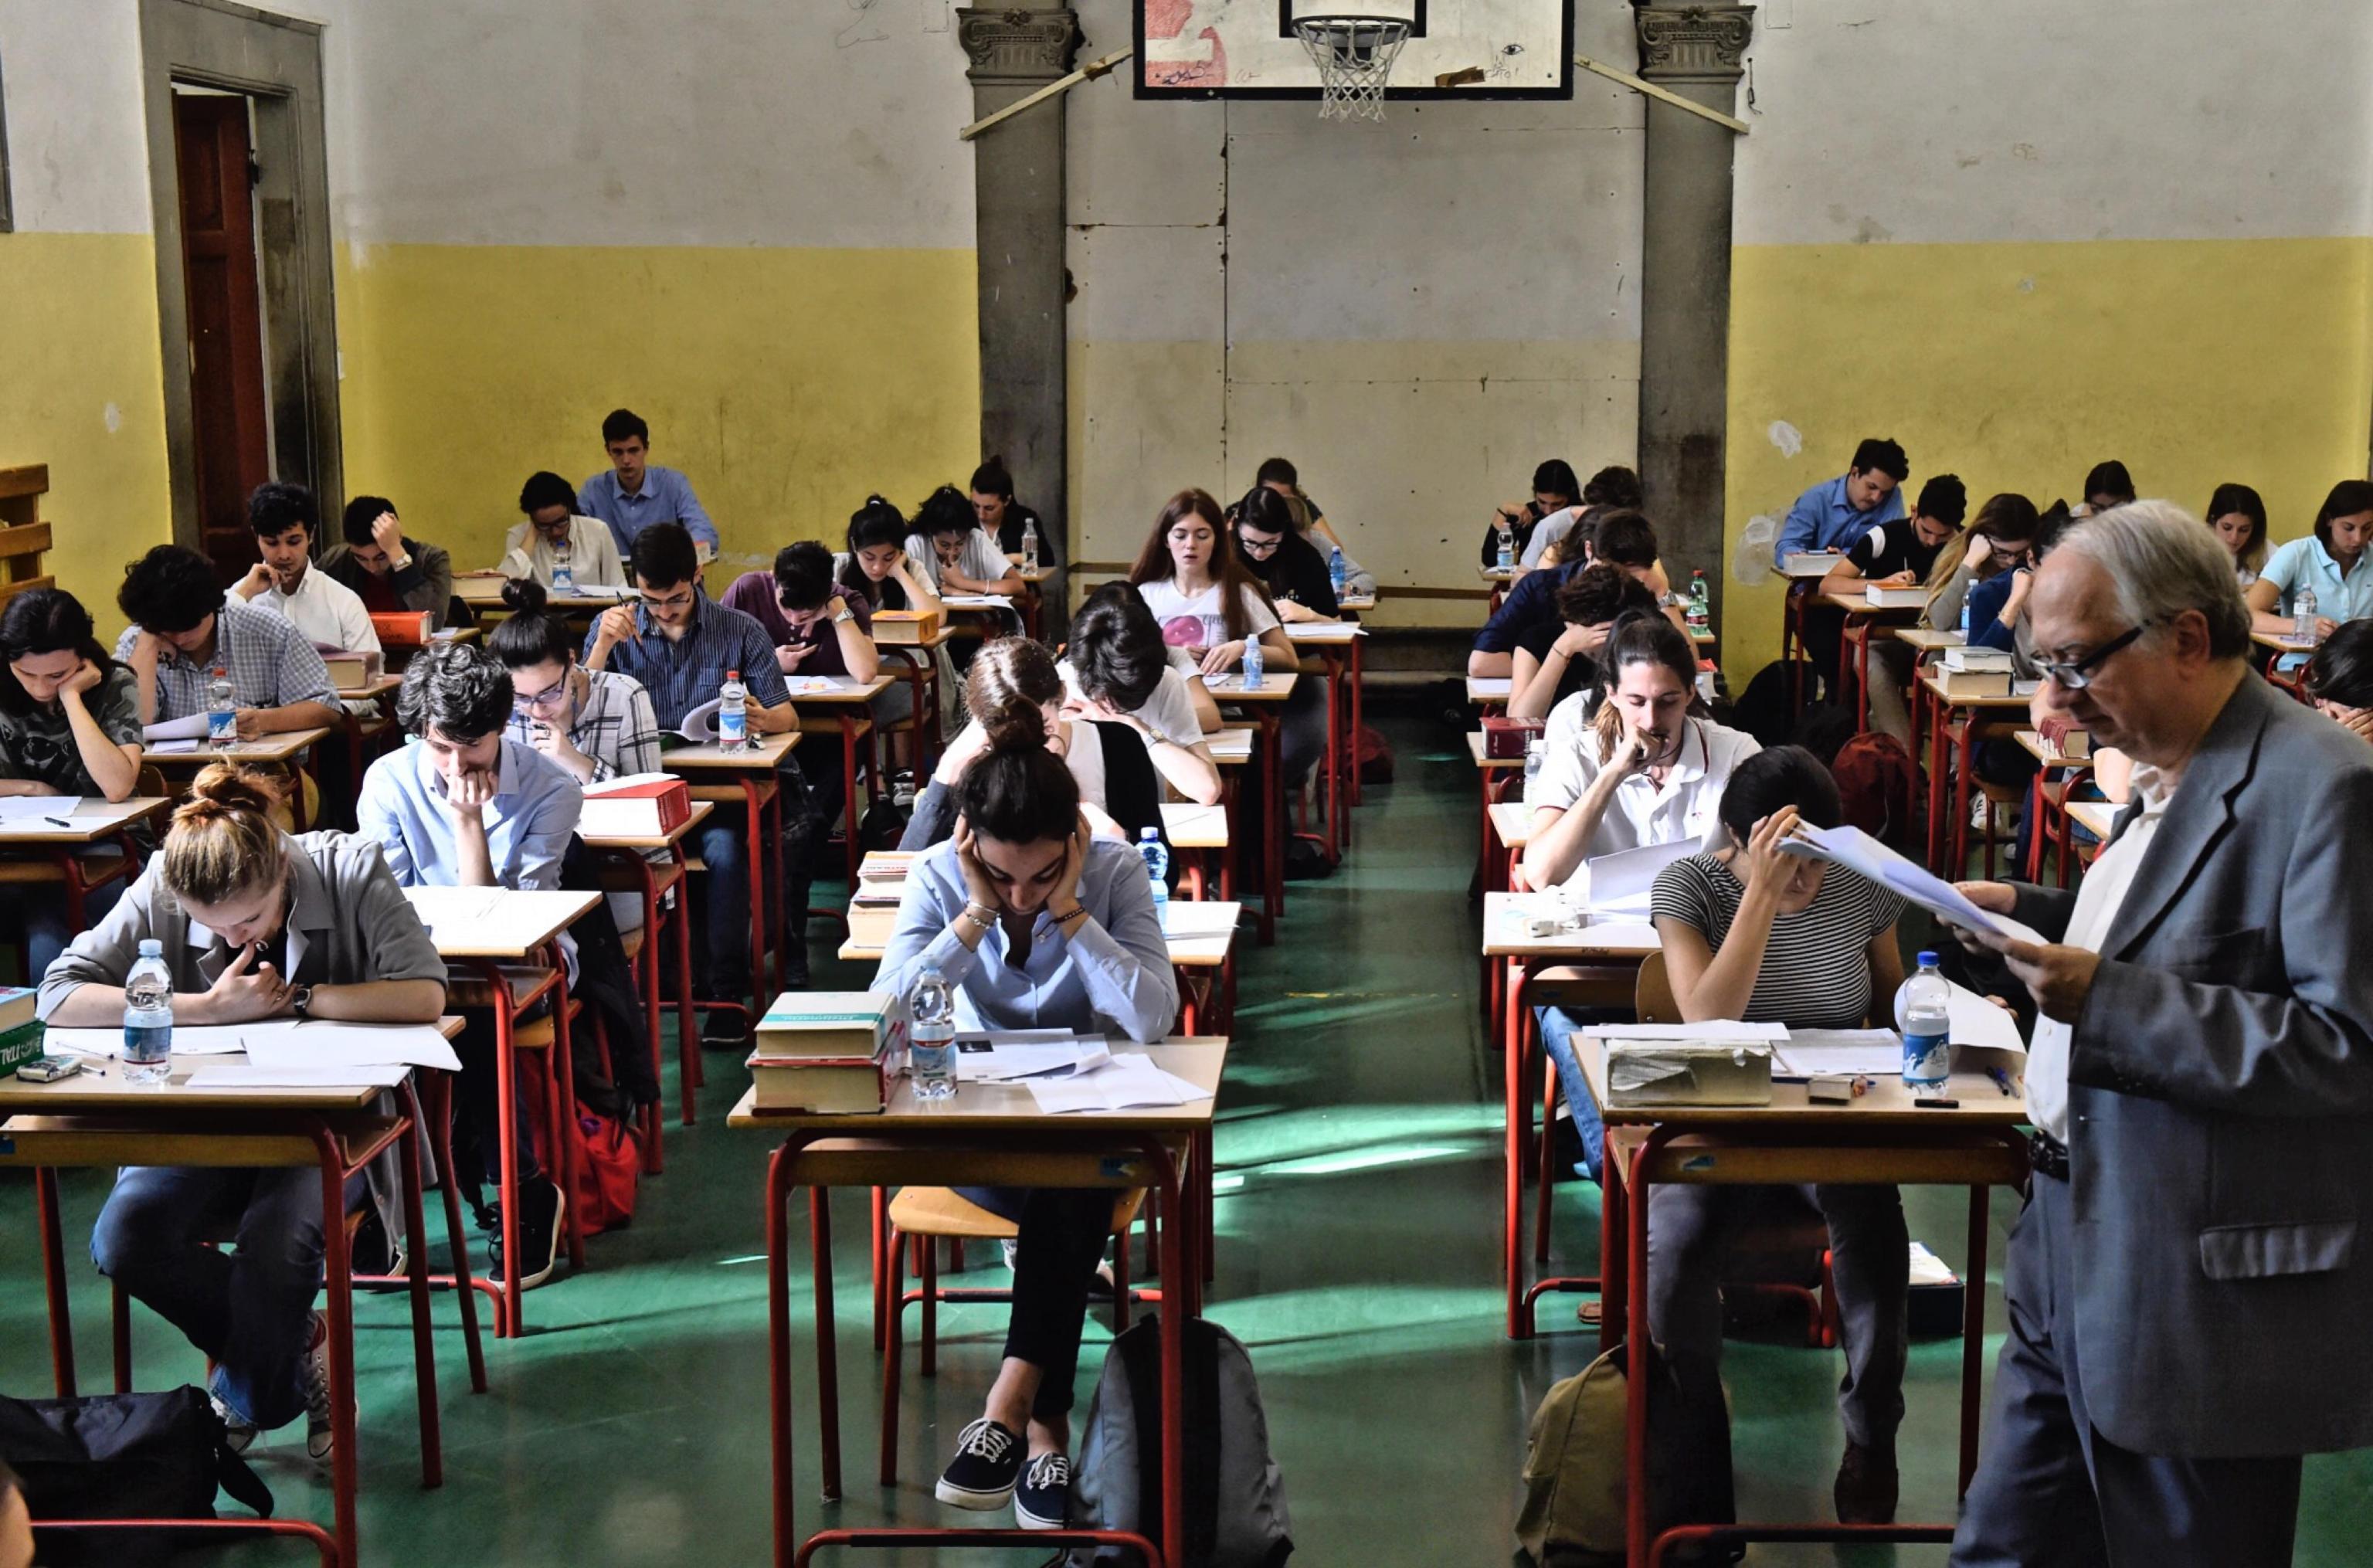 Chi inventò gli esami di maturità? Storia dell'esame di Stato